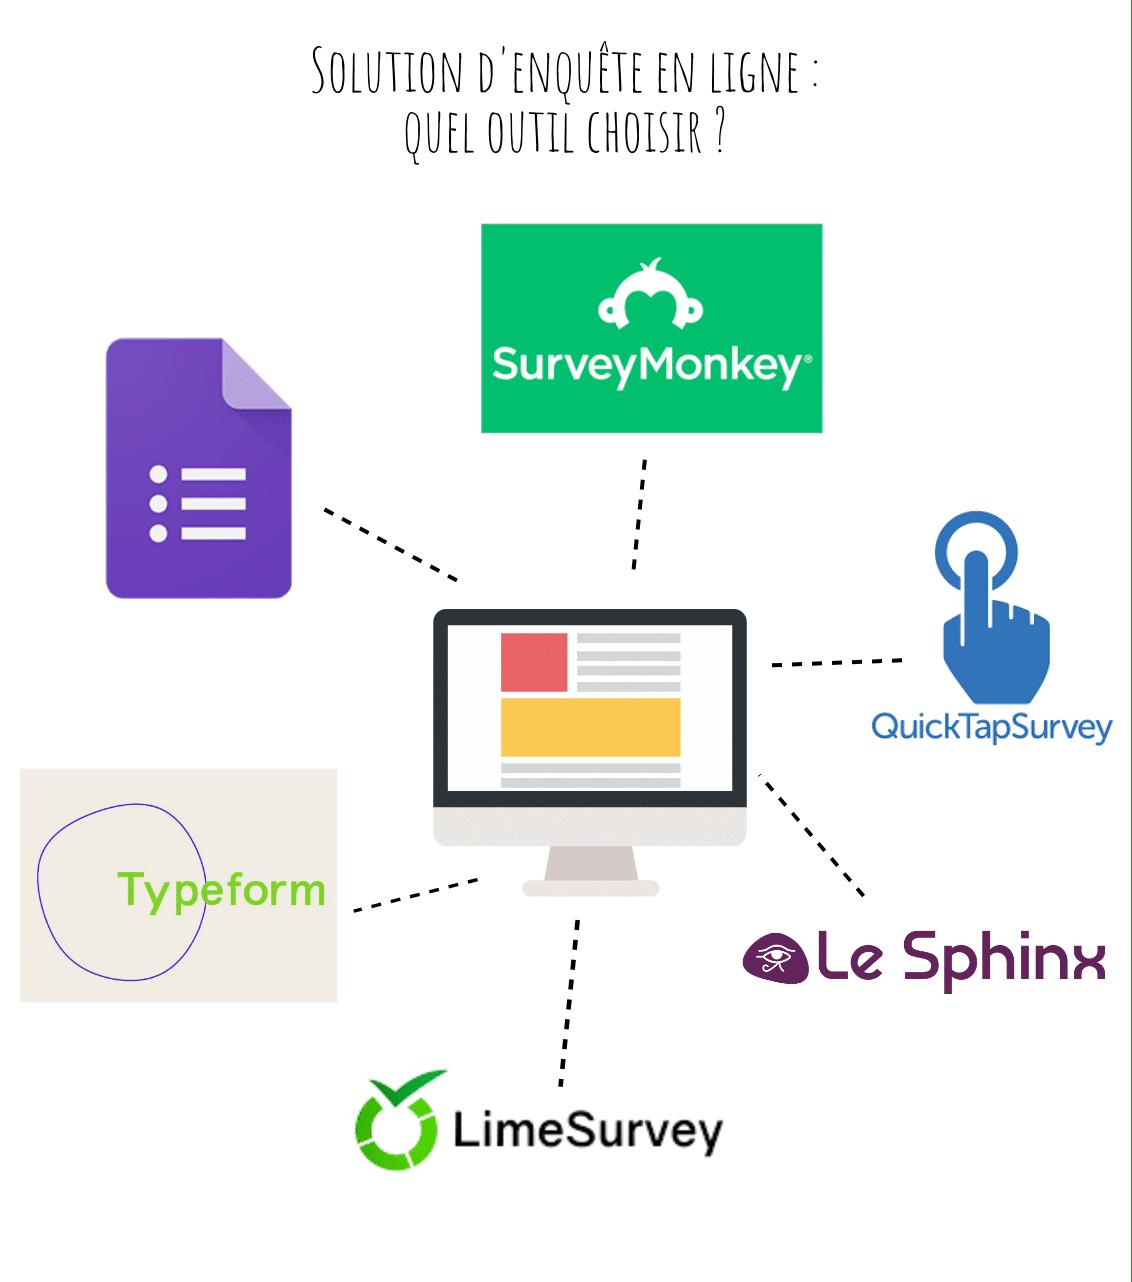 solutions d'enquêtes en ligne